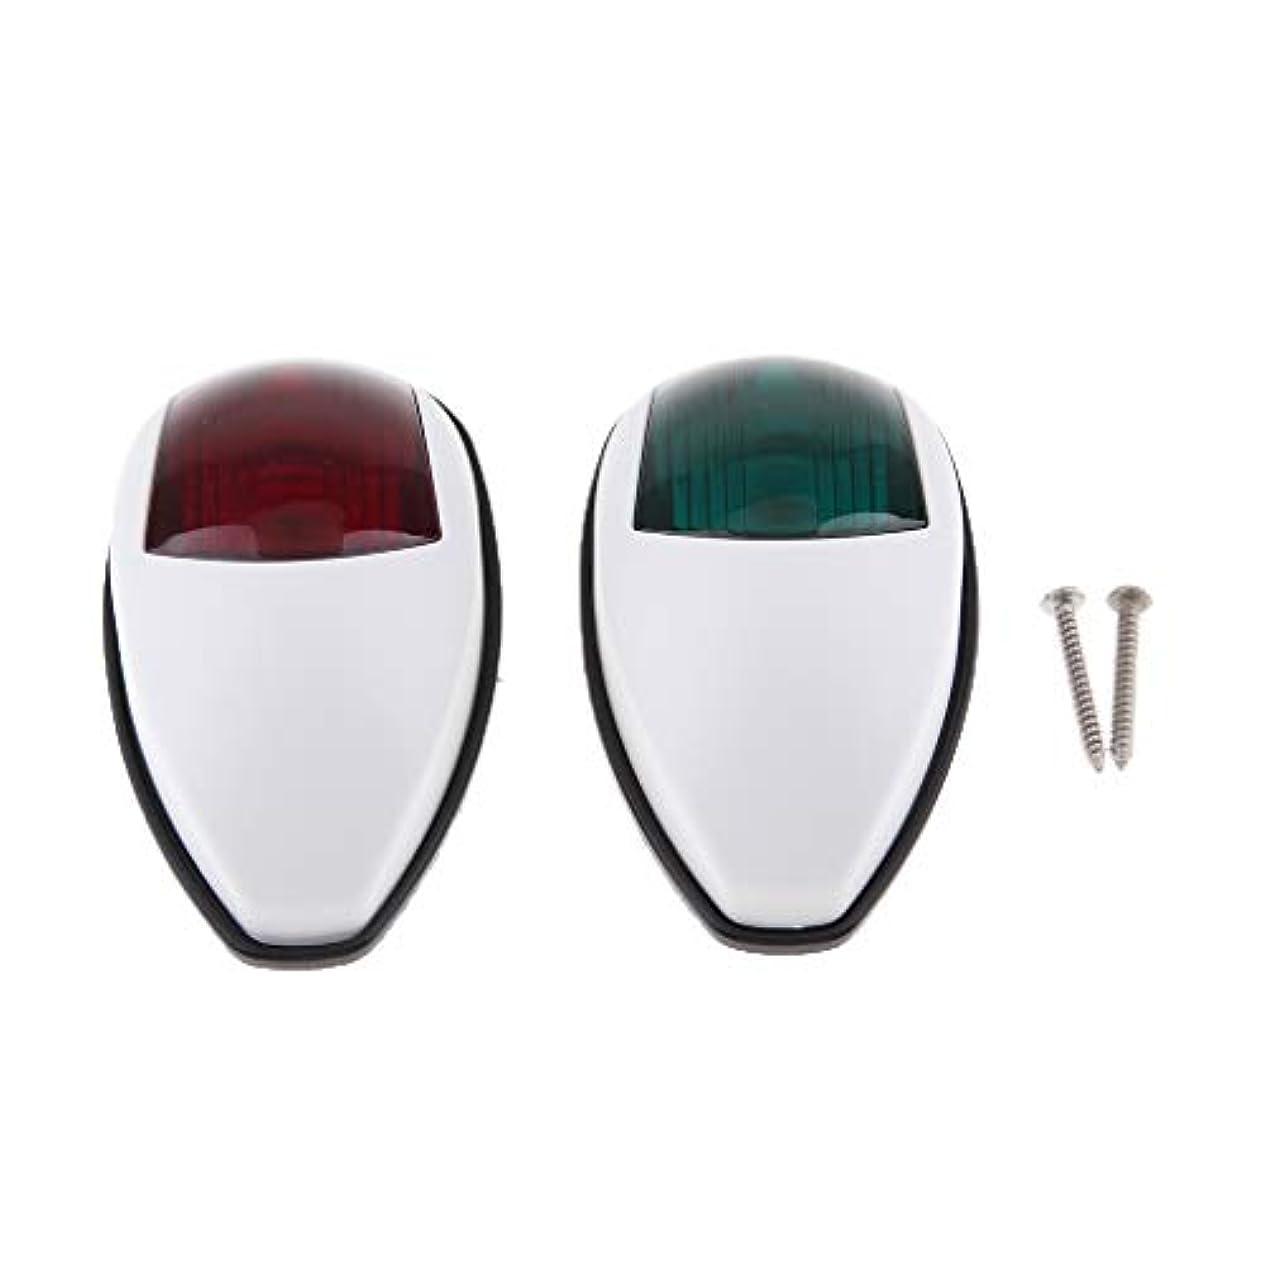 同意する反逆盟主P Prettyia LEDナビゲーションライト 作業灯 耐腐食性 耐衝撃性 耐水性 長寿命 マリン用品 1ペア入り